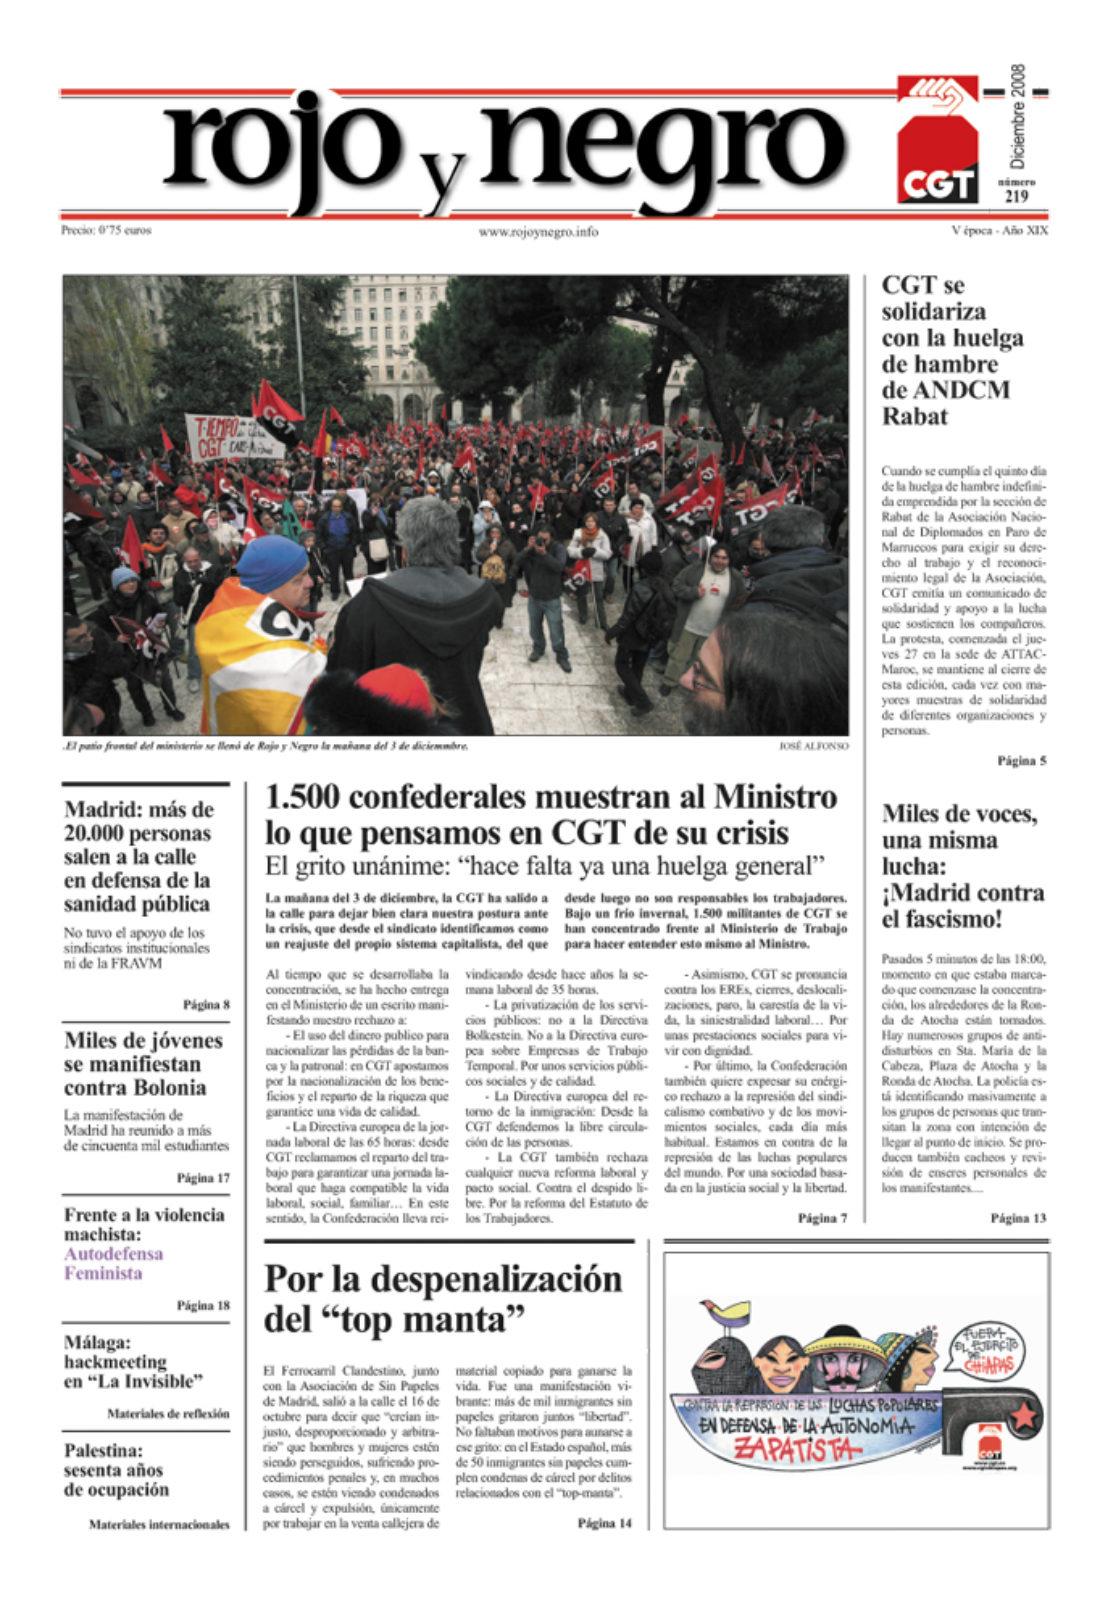 Rojo y Negro 219 – diciembre 2008